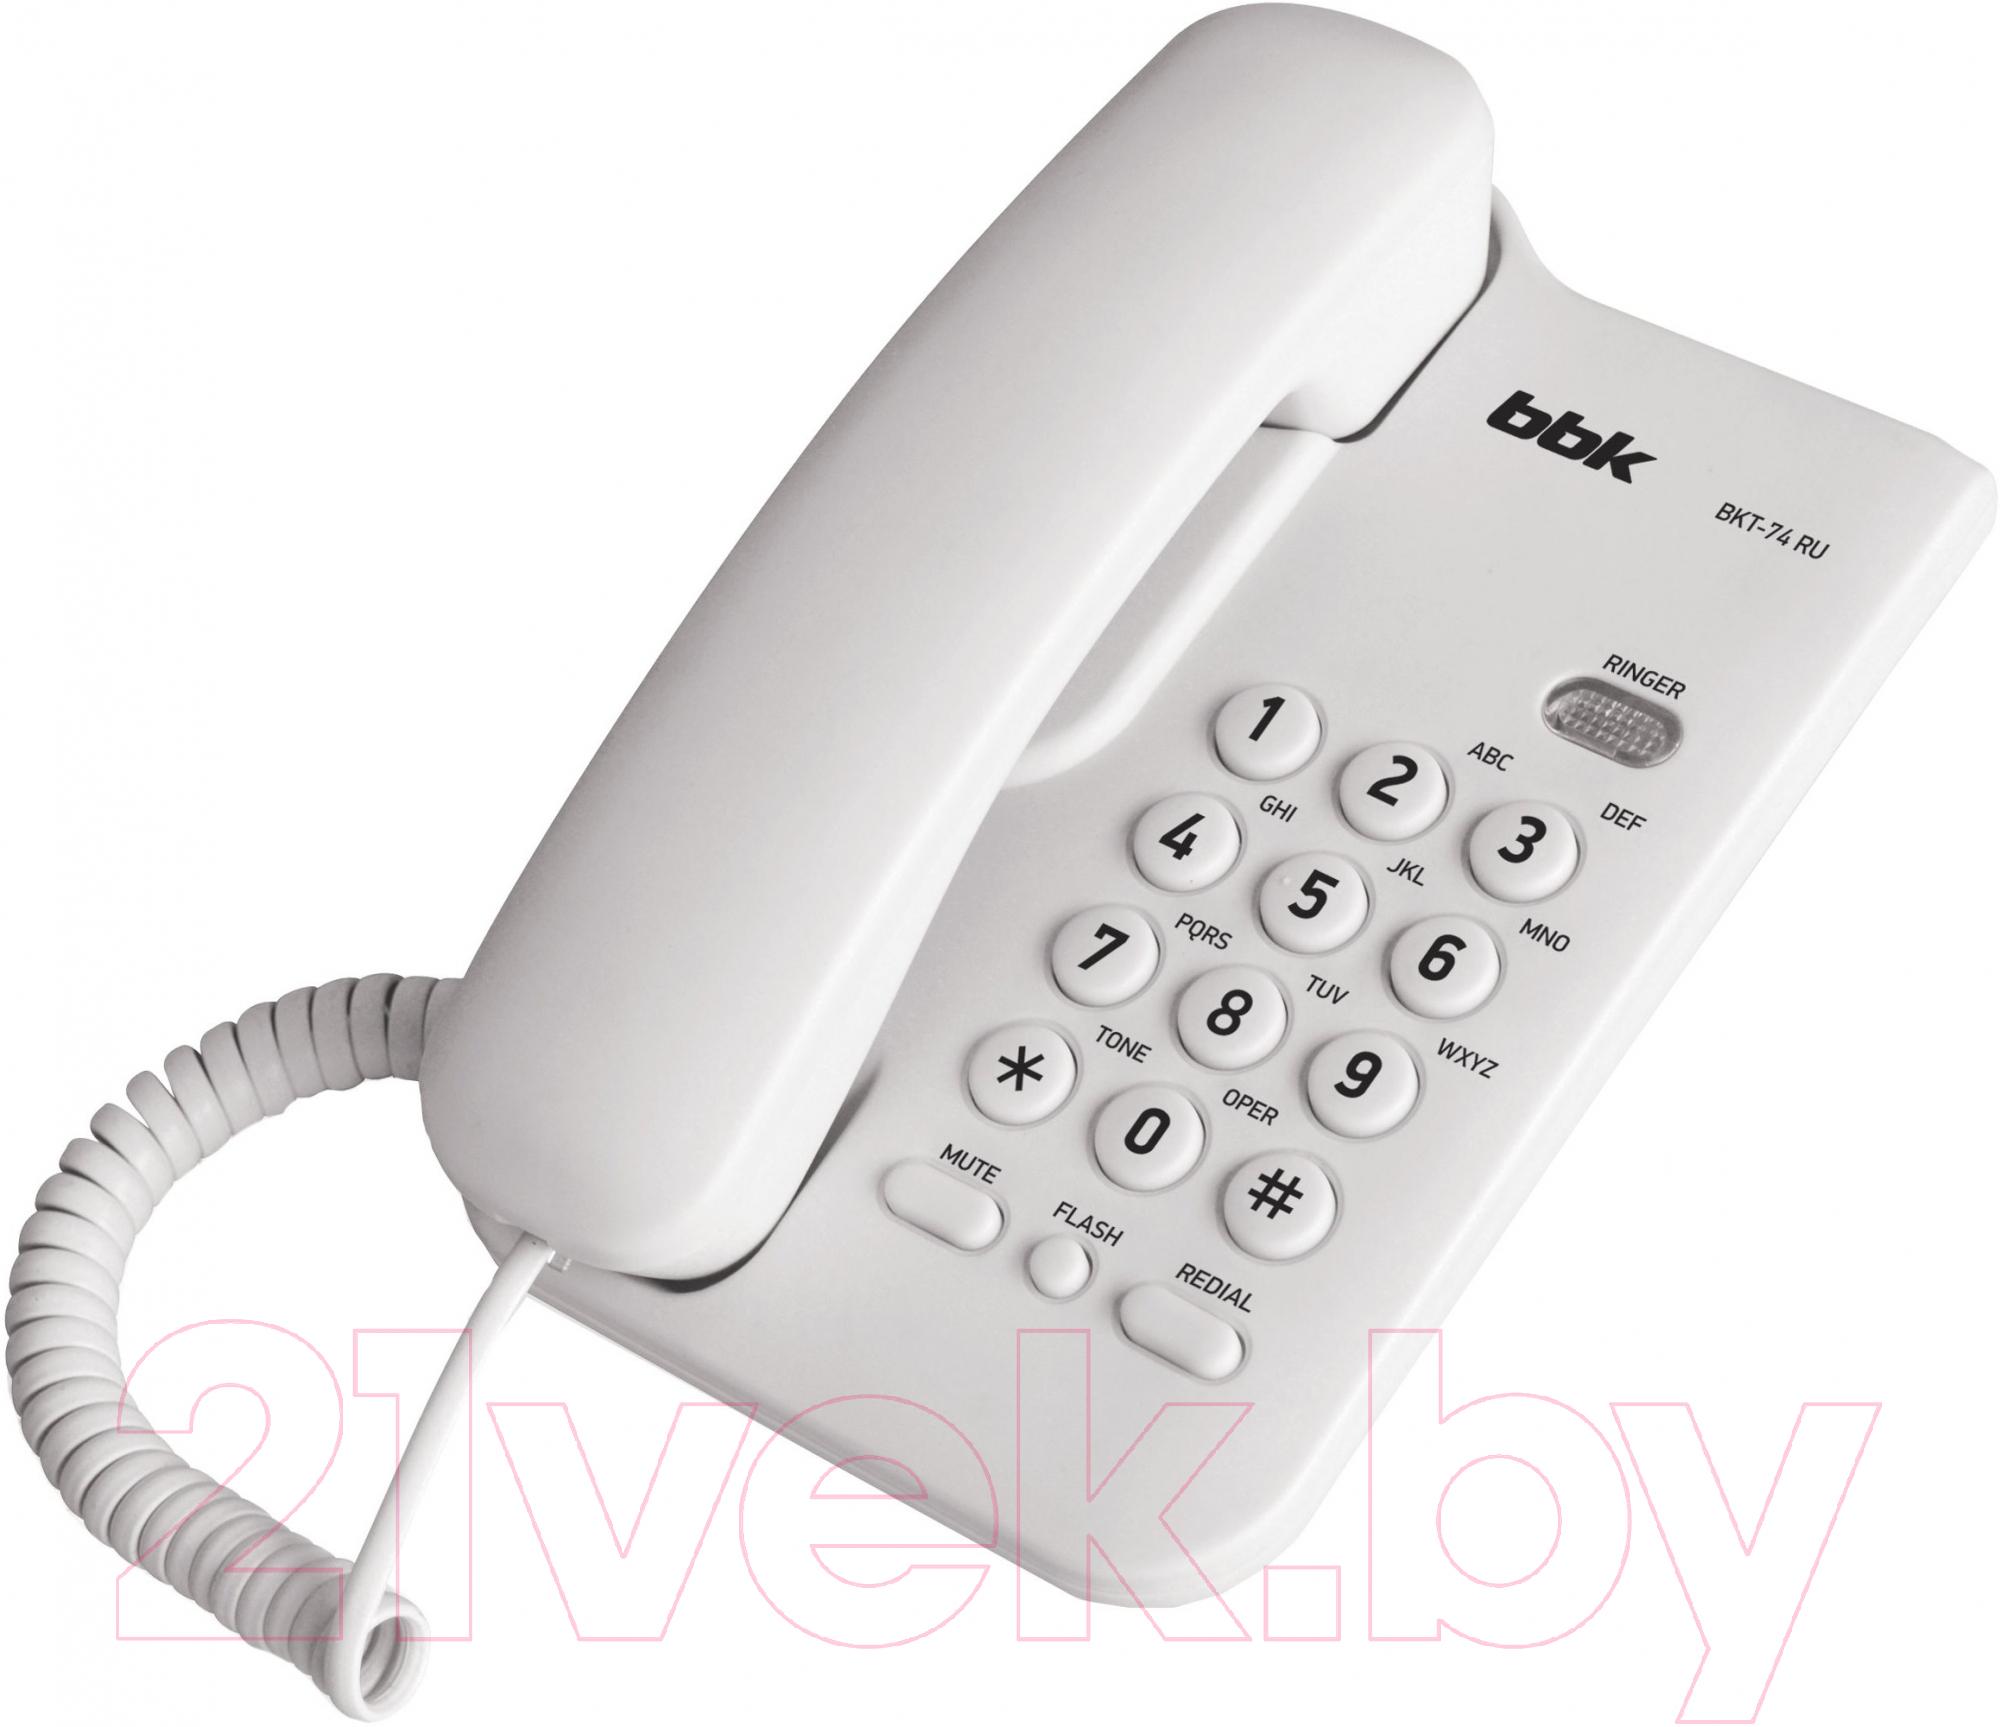 Проводной телефон BBK BKT-74 (белый) Богушевск Покупка б у по объявлению